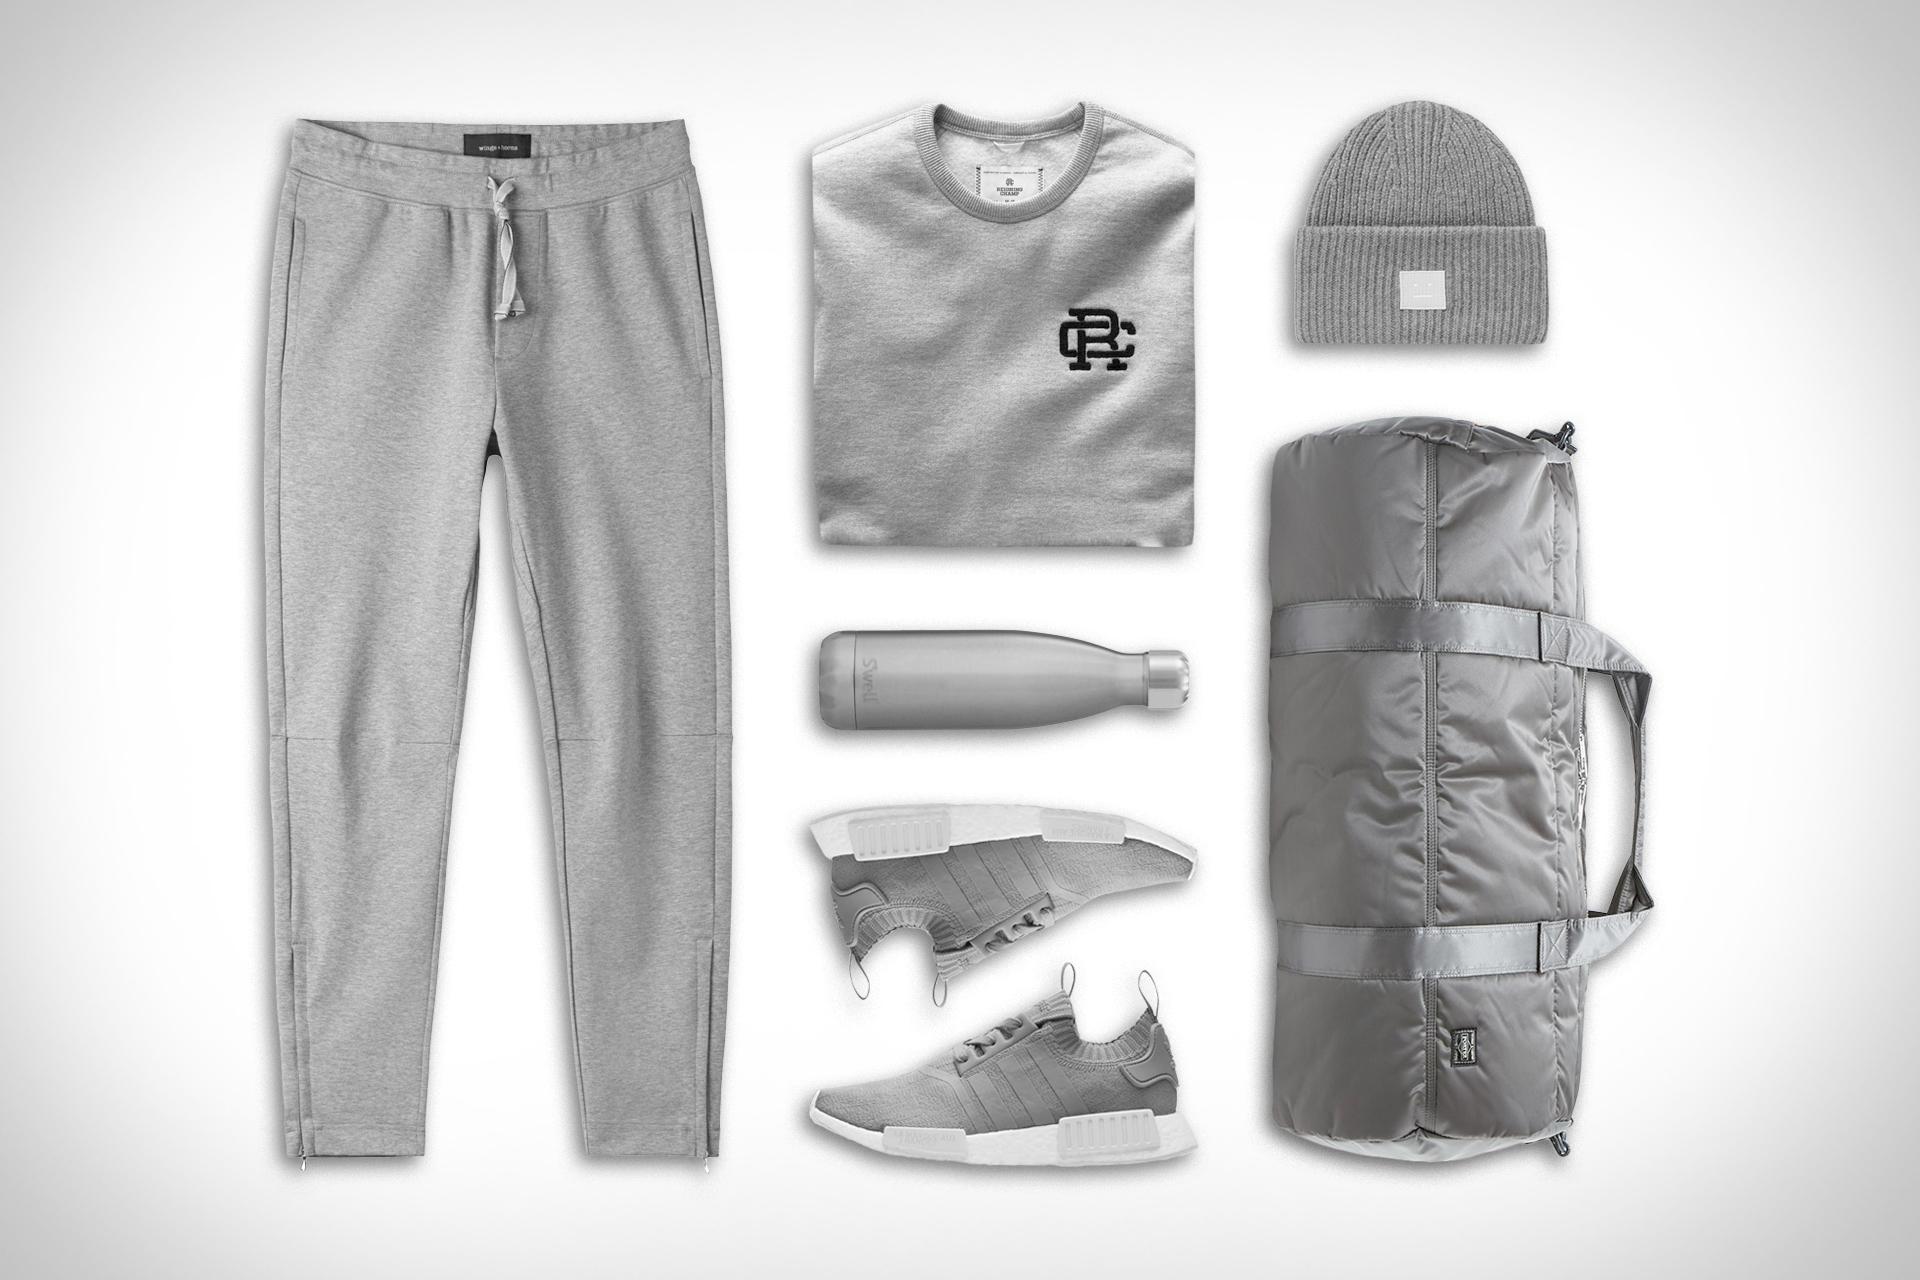 Kleidung: Graumarkt